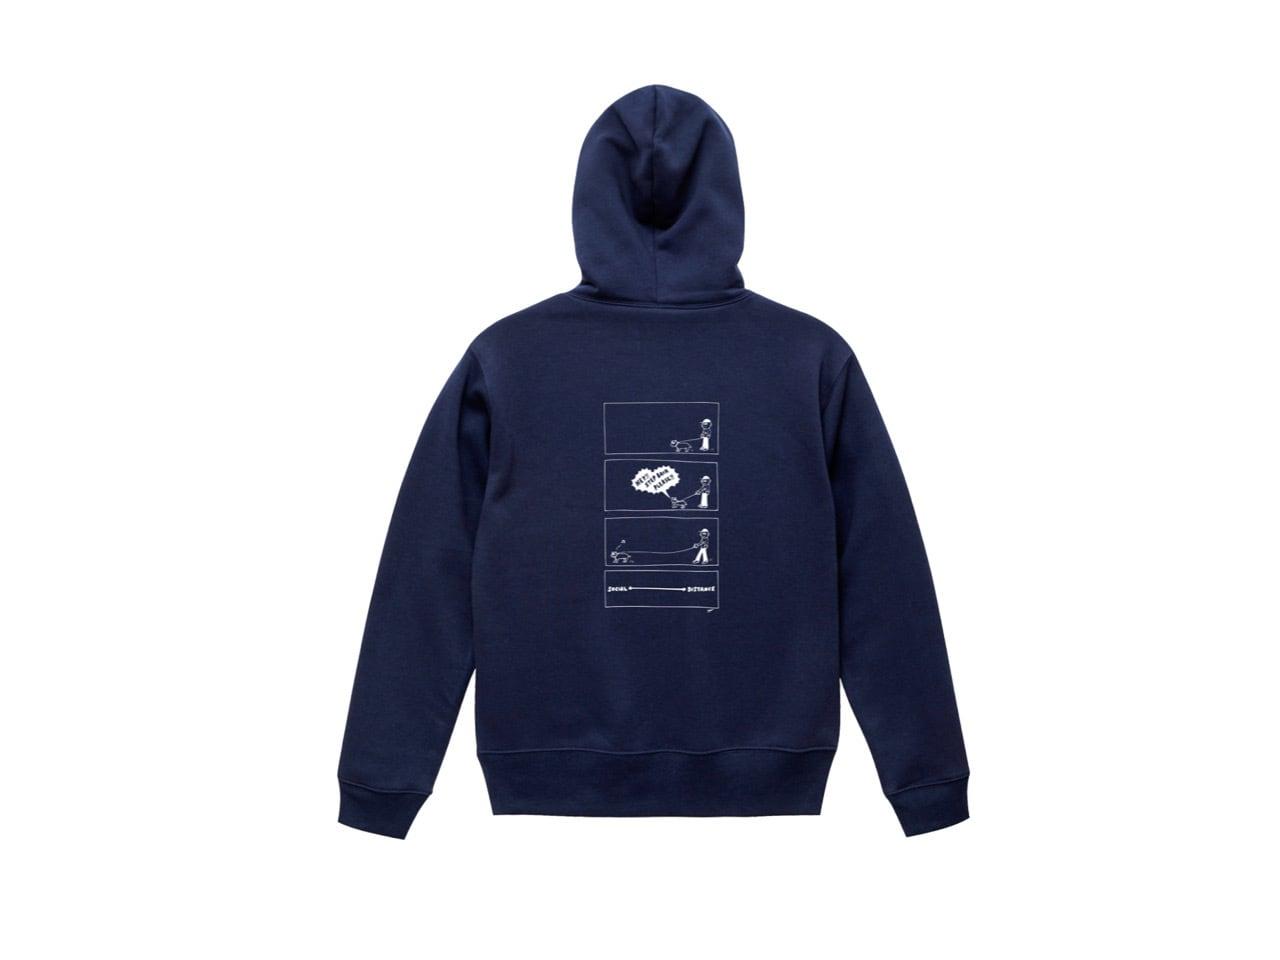 SHI × coguchi Dog SD hoodie (NVY/WH)